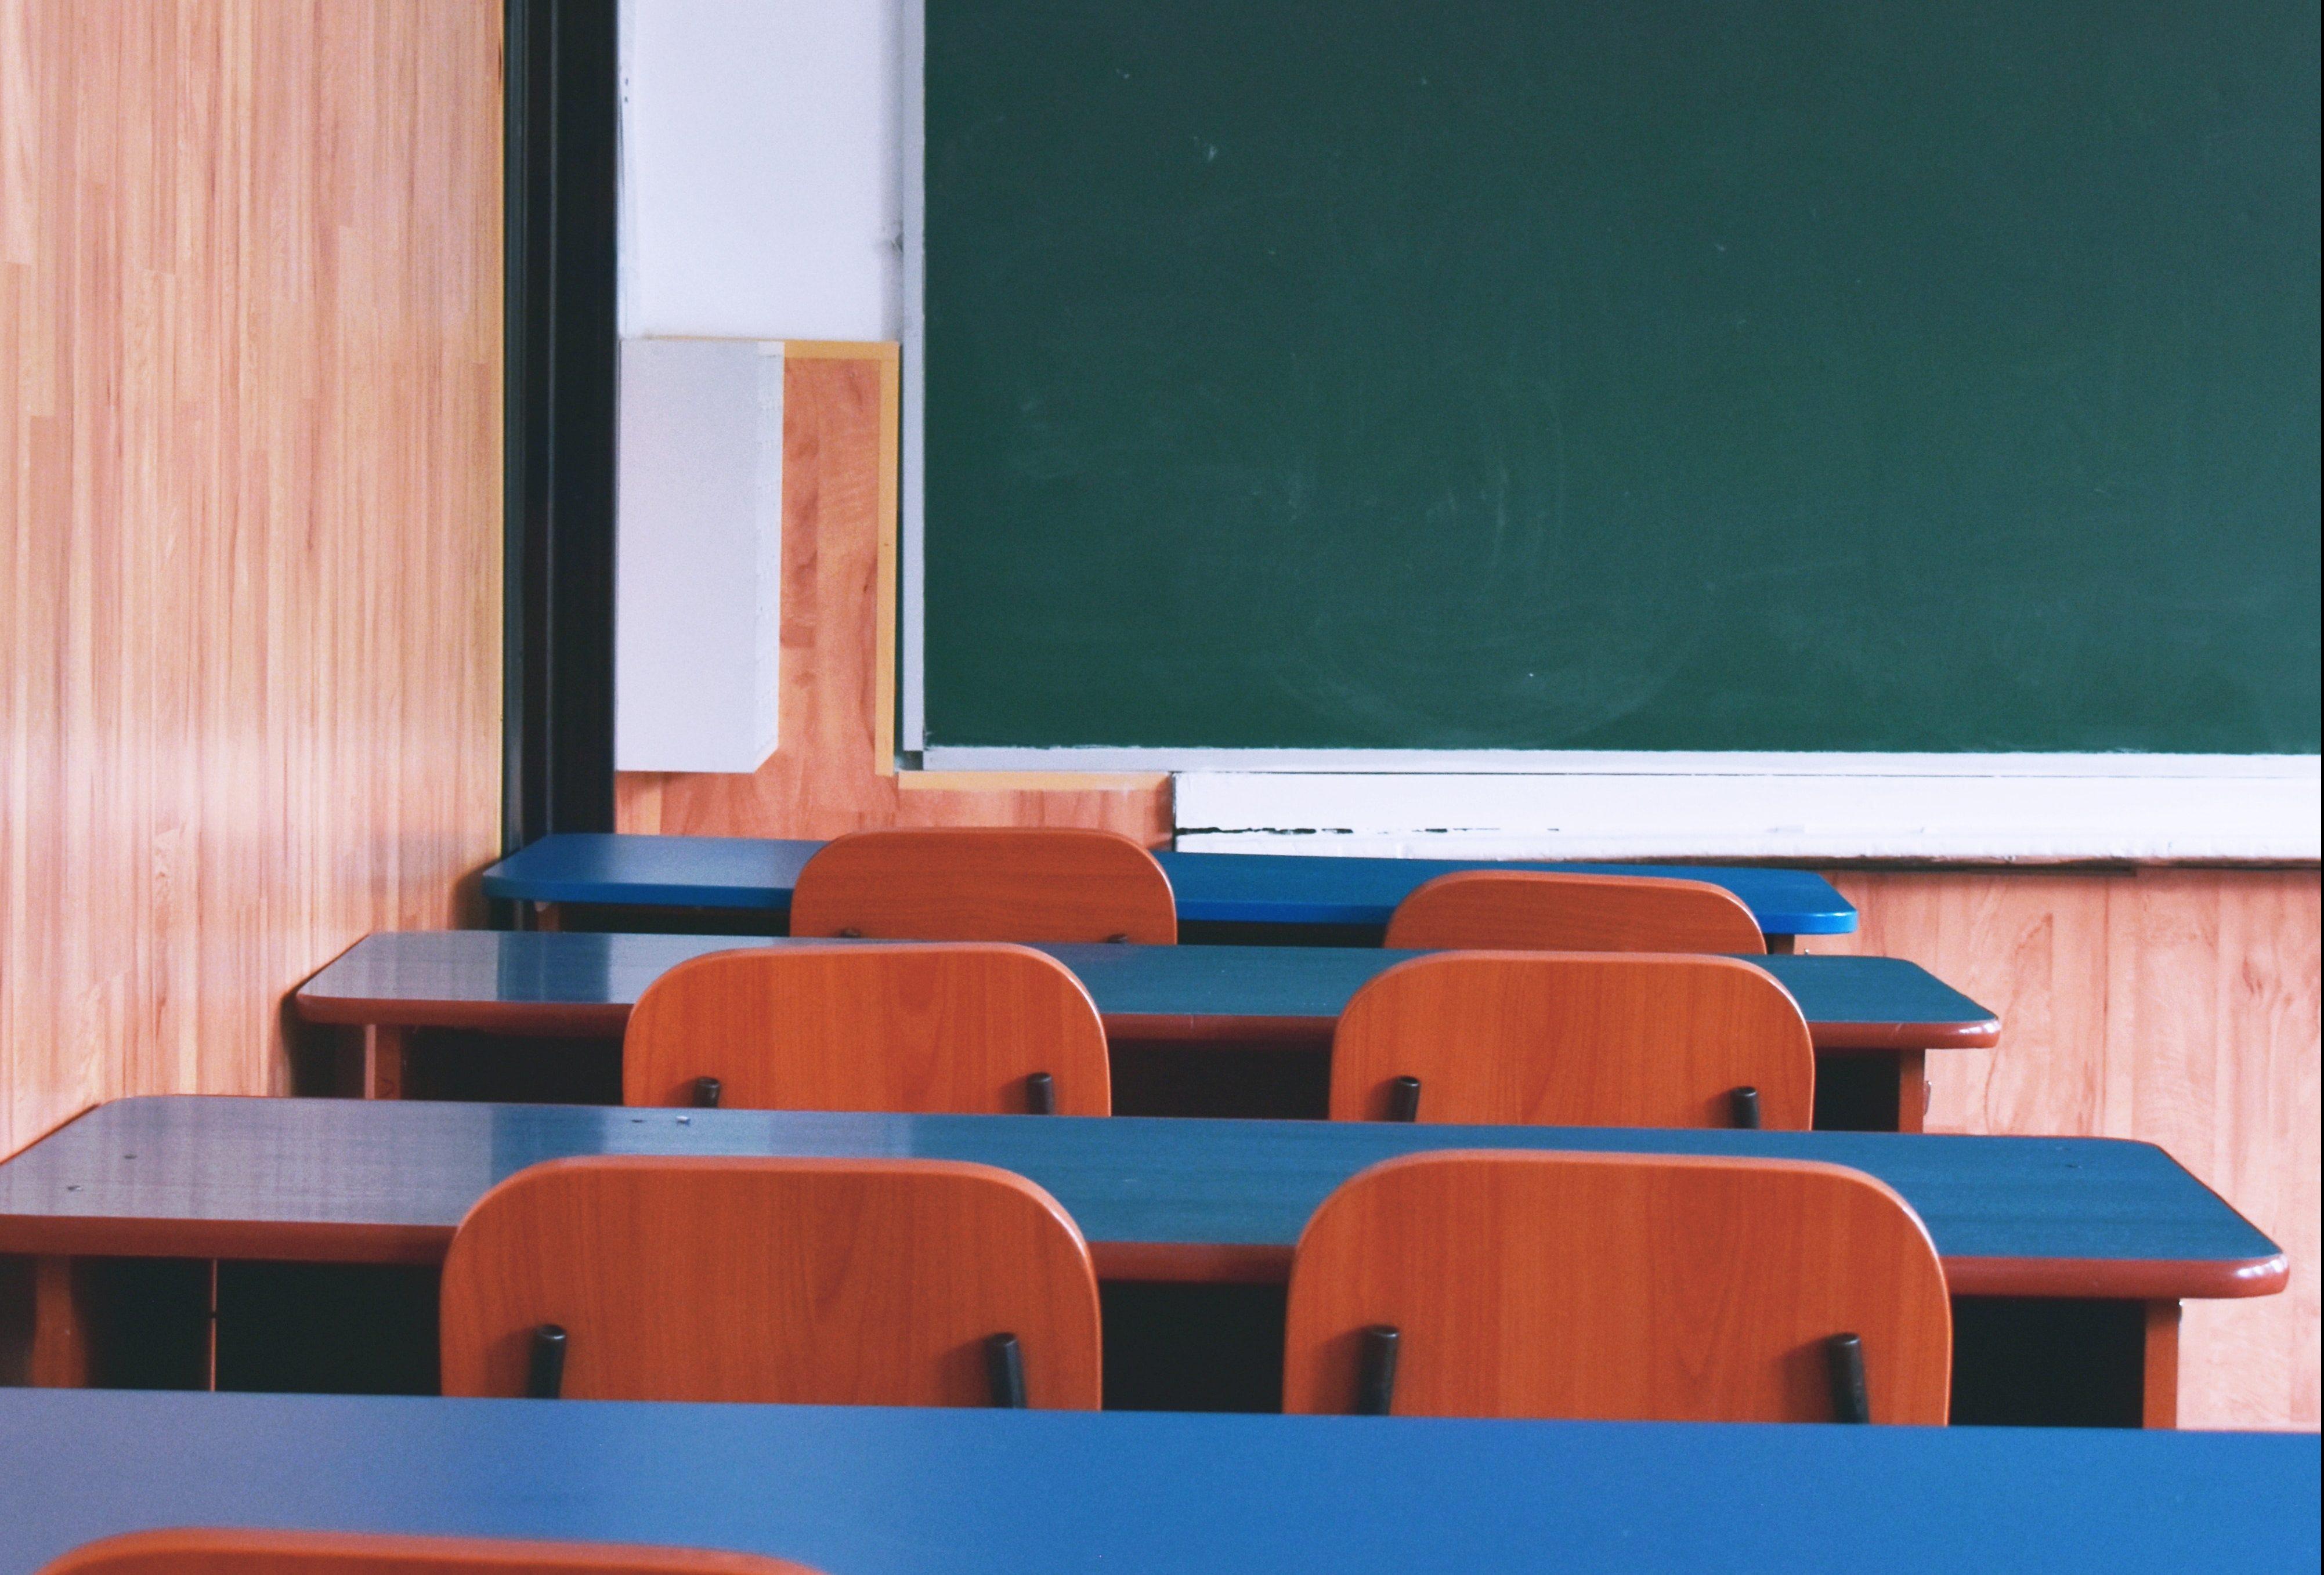 Anno scolastico 2020/21: la grande domanda su tempi e modalità ...